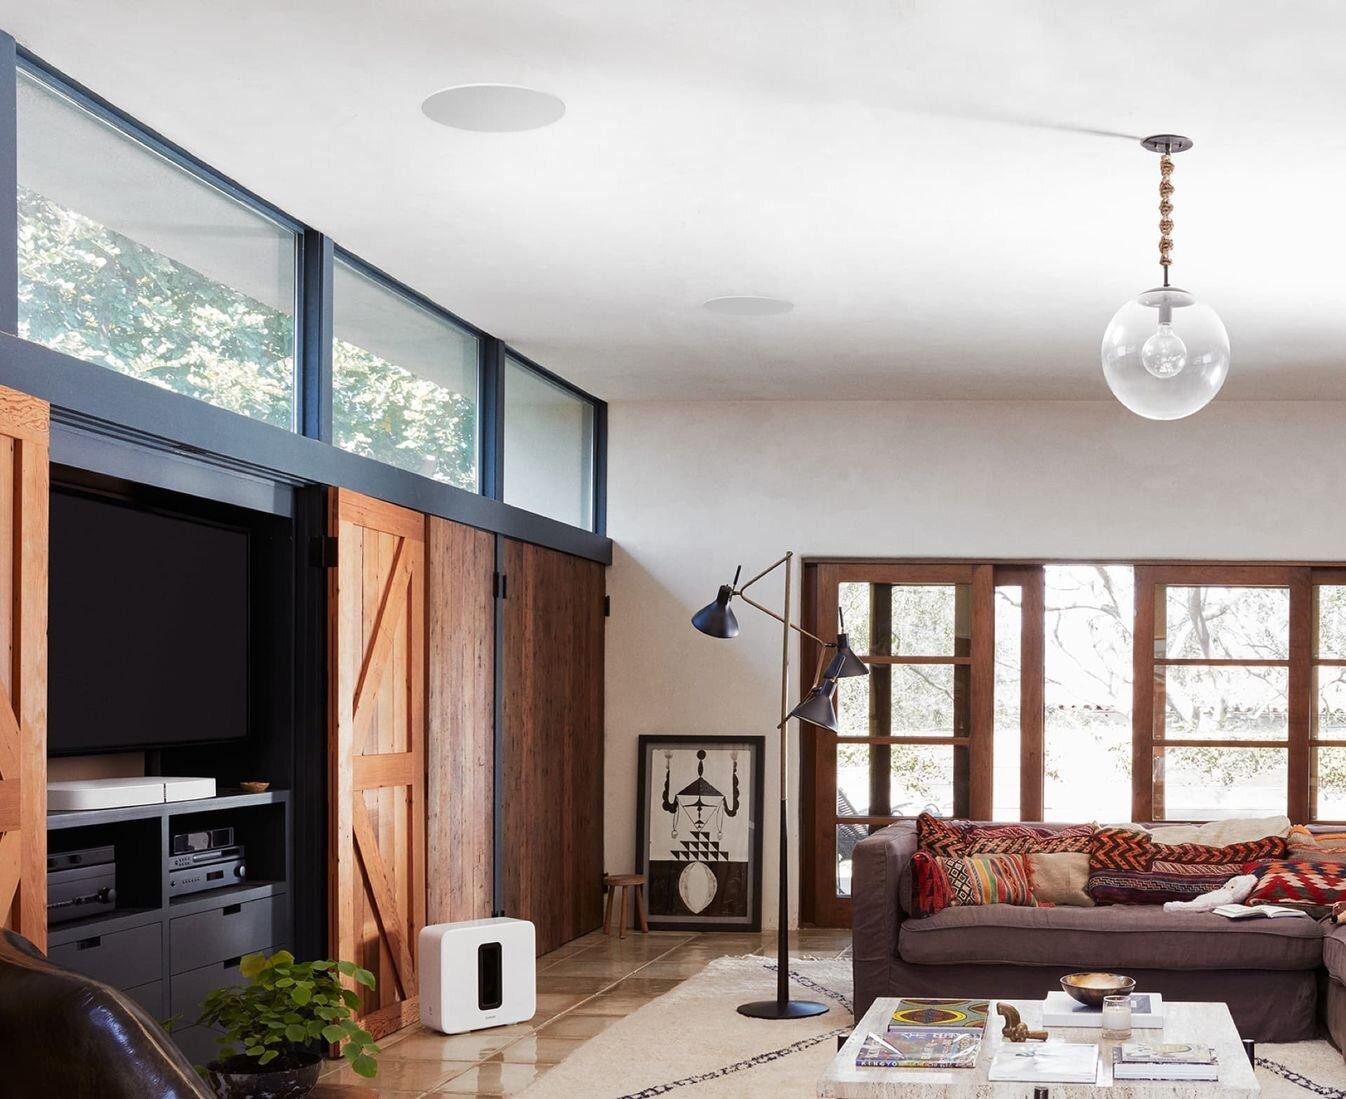 ceiling-speaker-living-theater.jpg